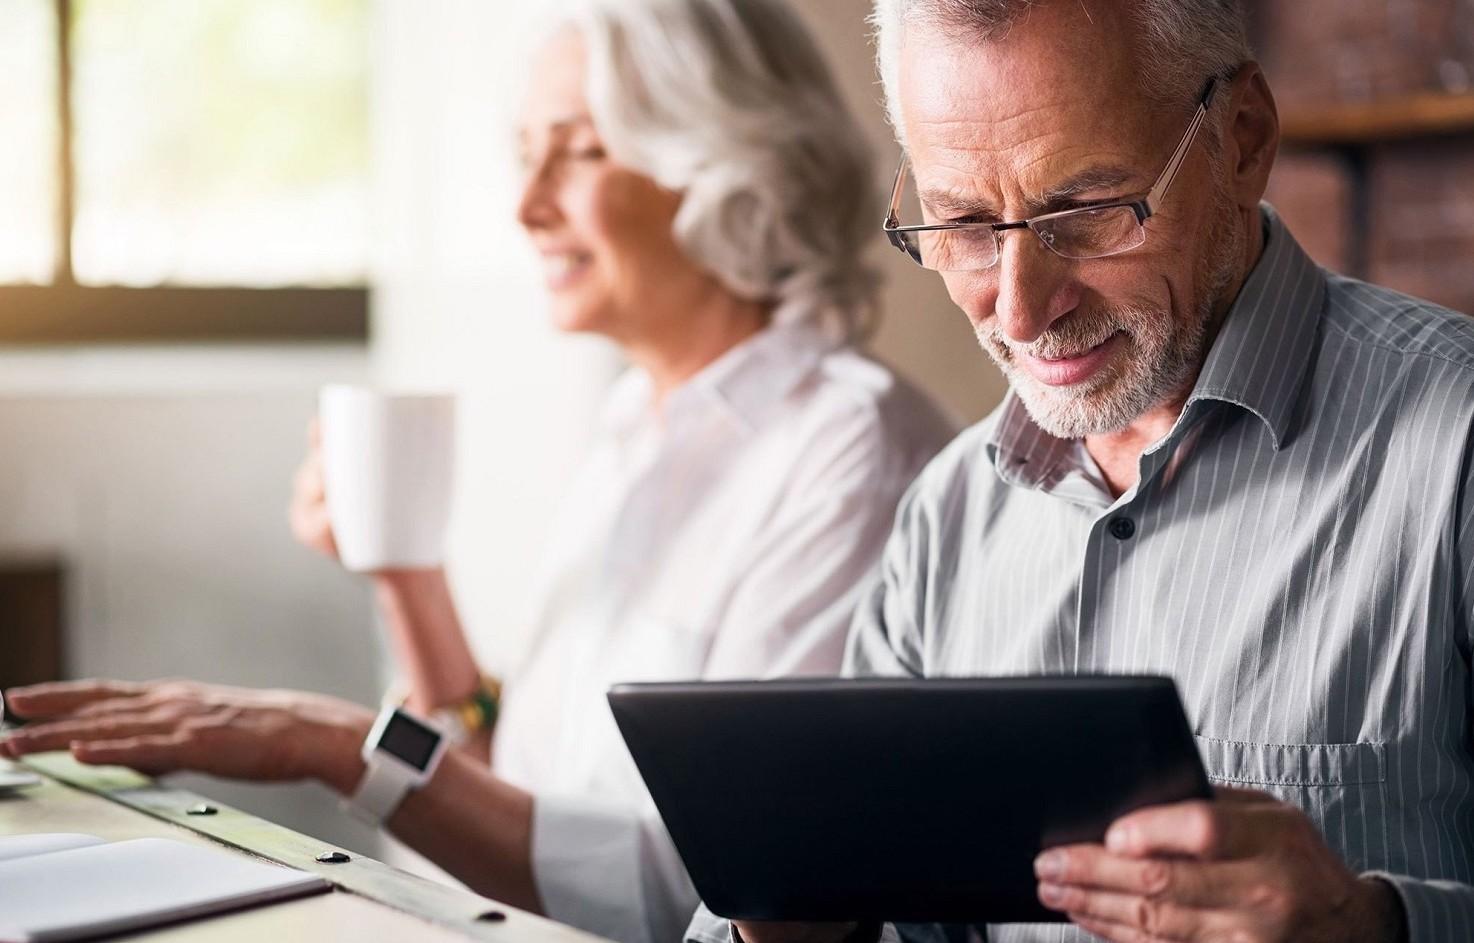 Pensione anticipata leggi 2019 in vigore attuali tra nuove e precedenti